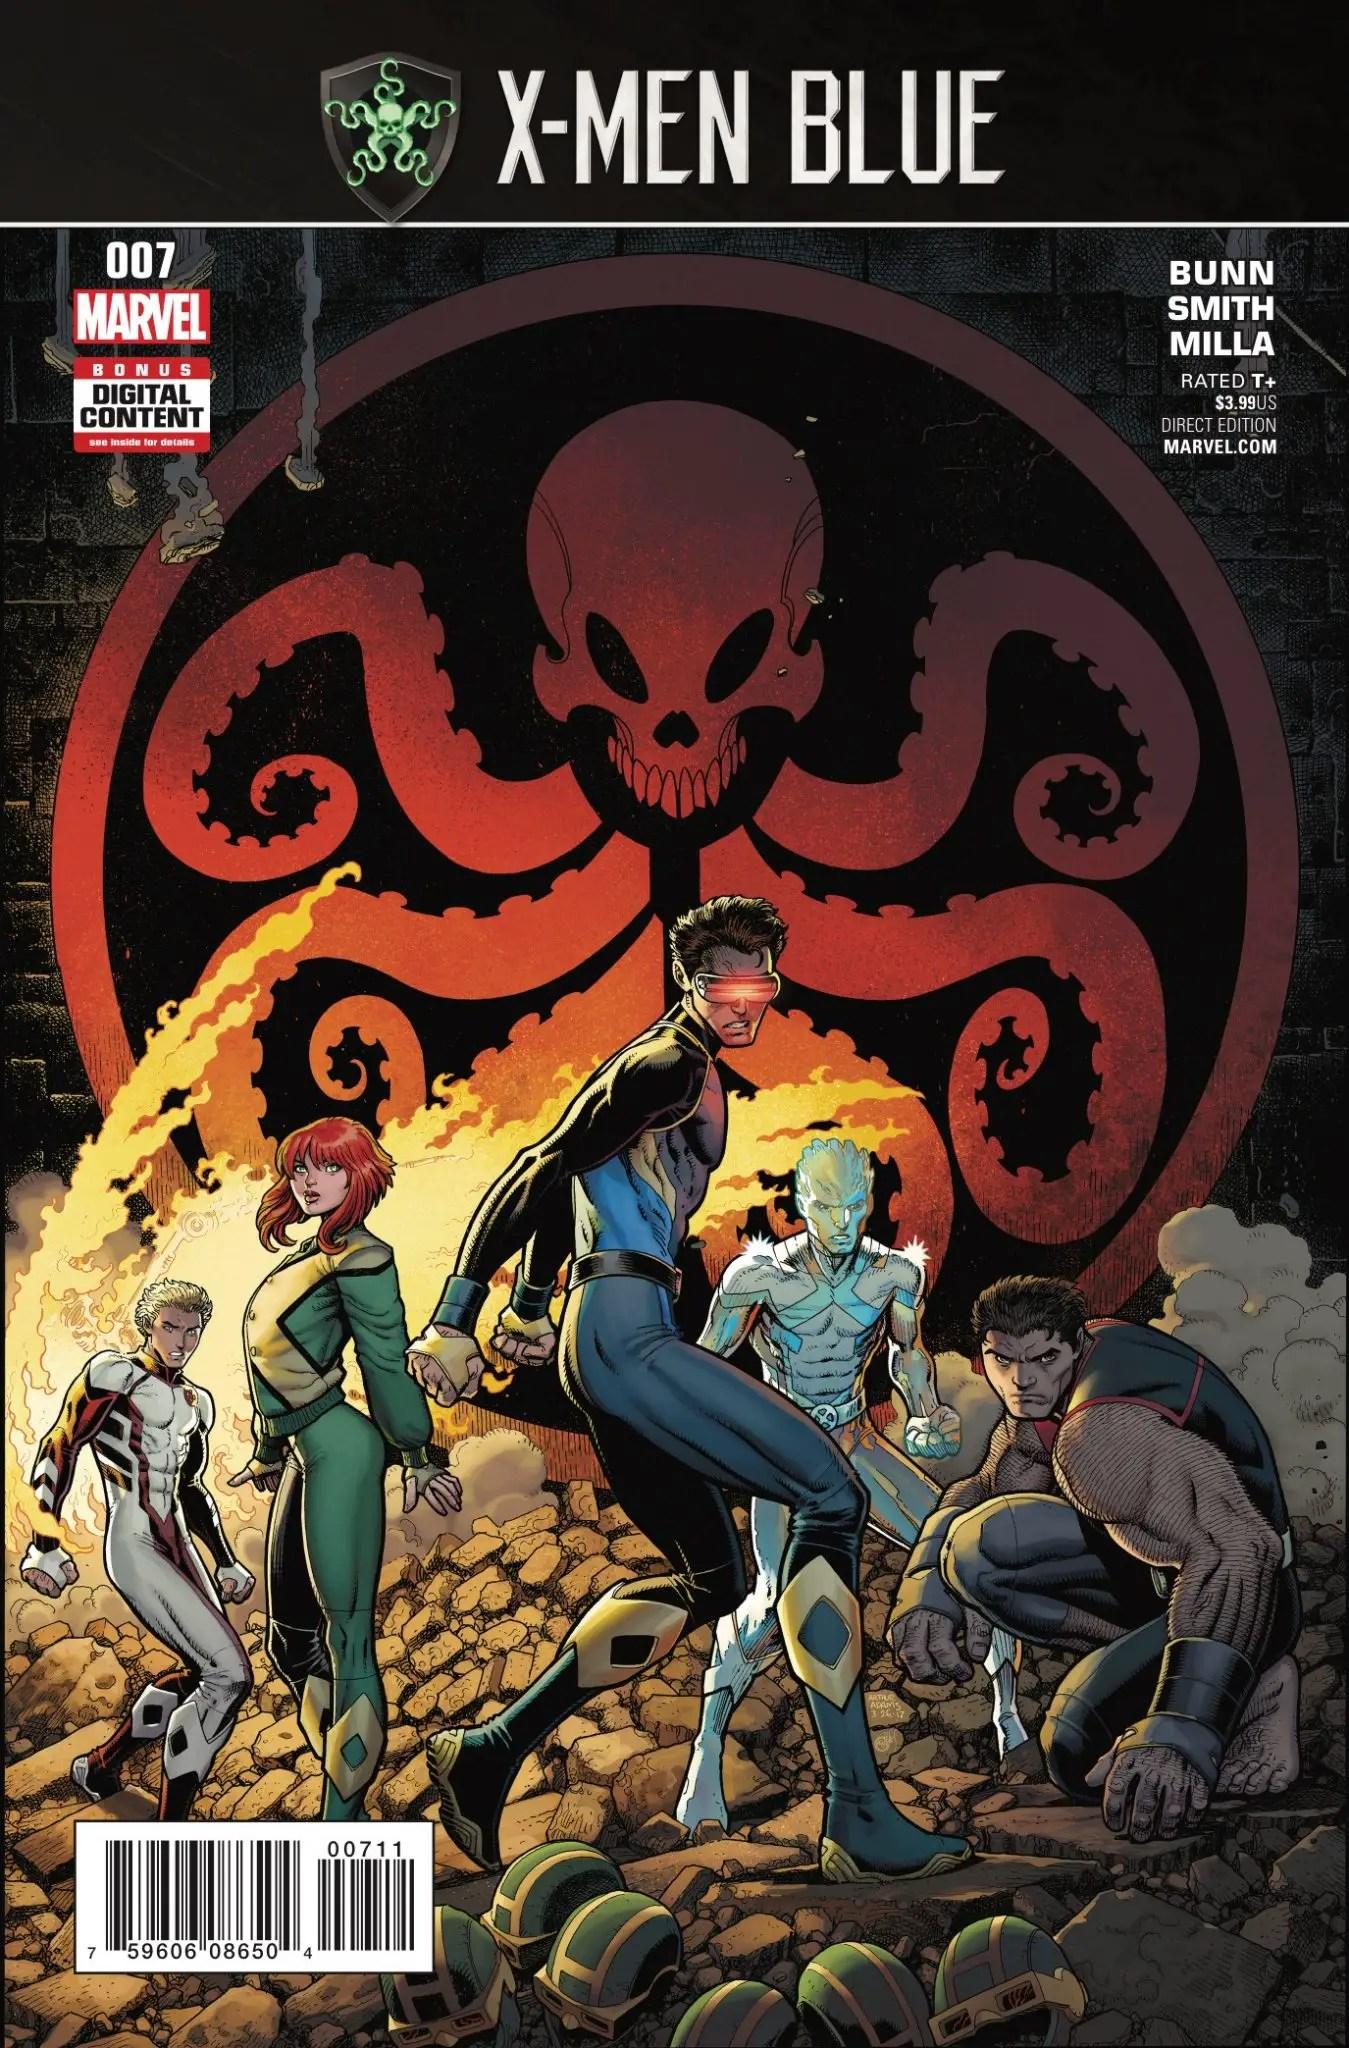 X-Men: Blue #7 Review